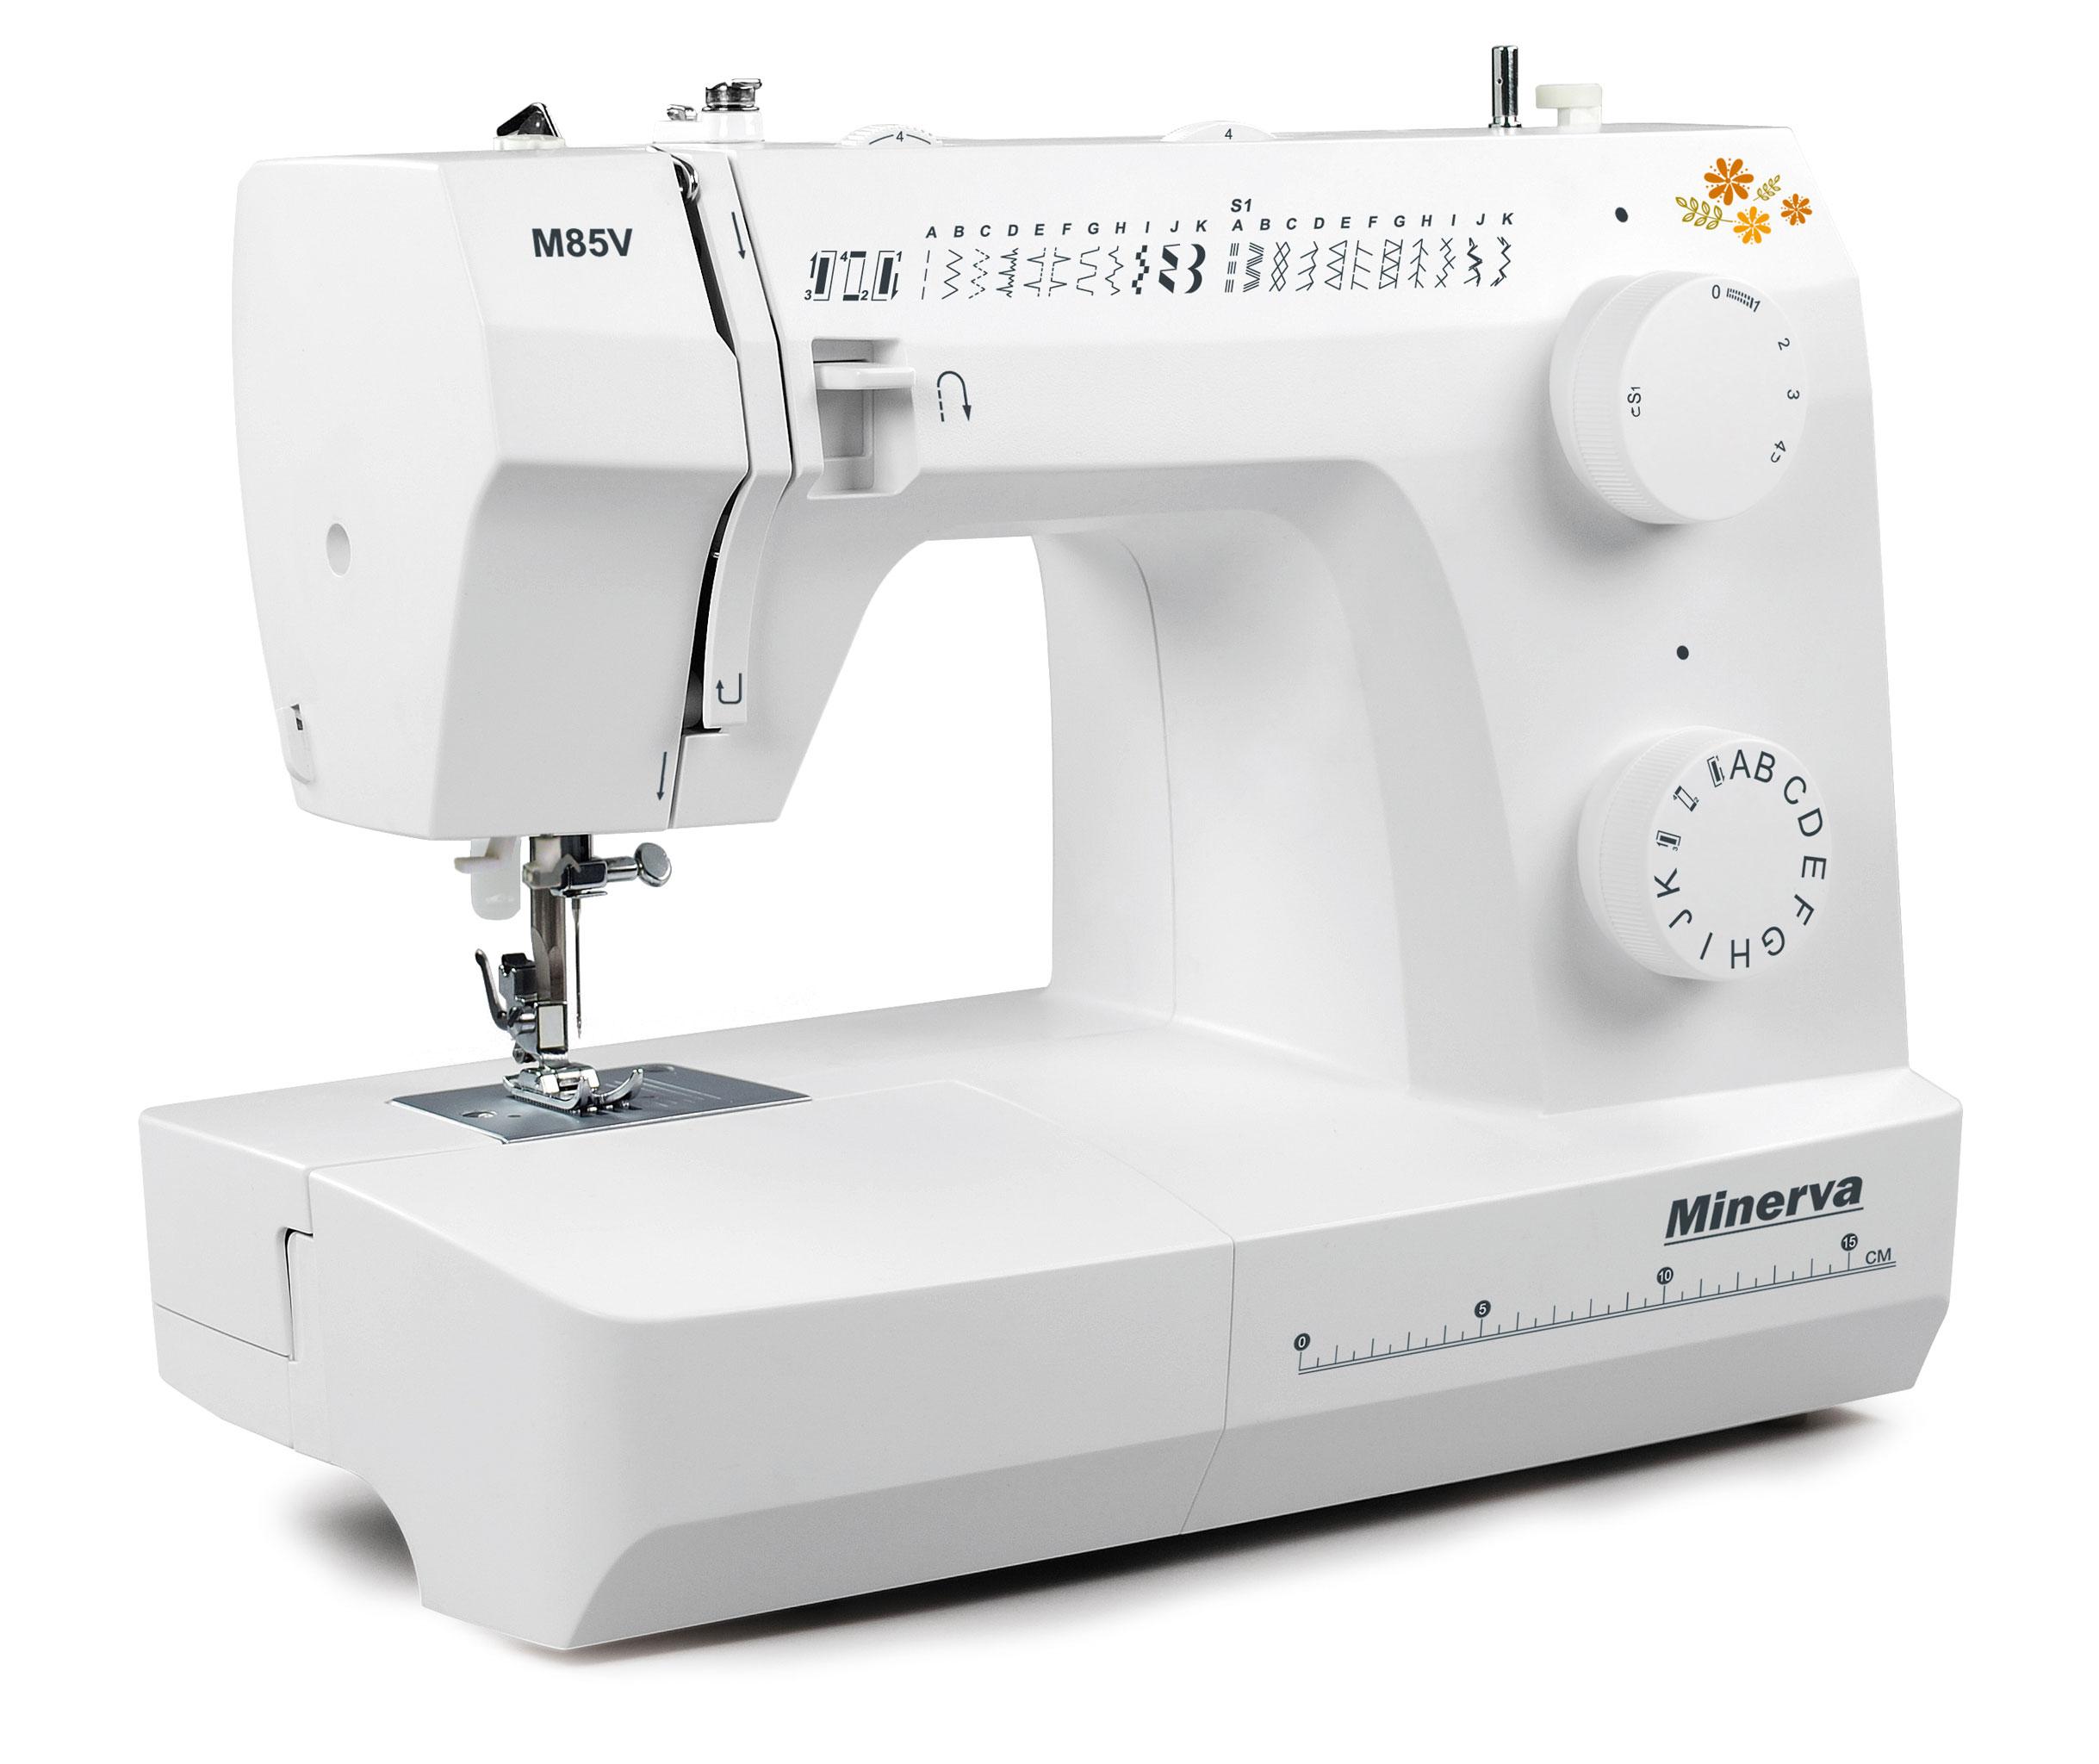 Нові моделі швейних машин Minerva - фото 3 - новина в інтернет-магазині Sewgroup